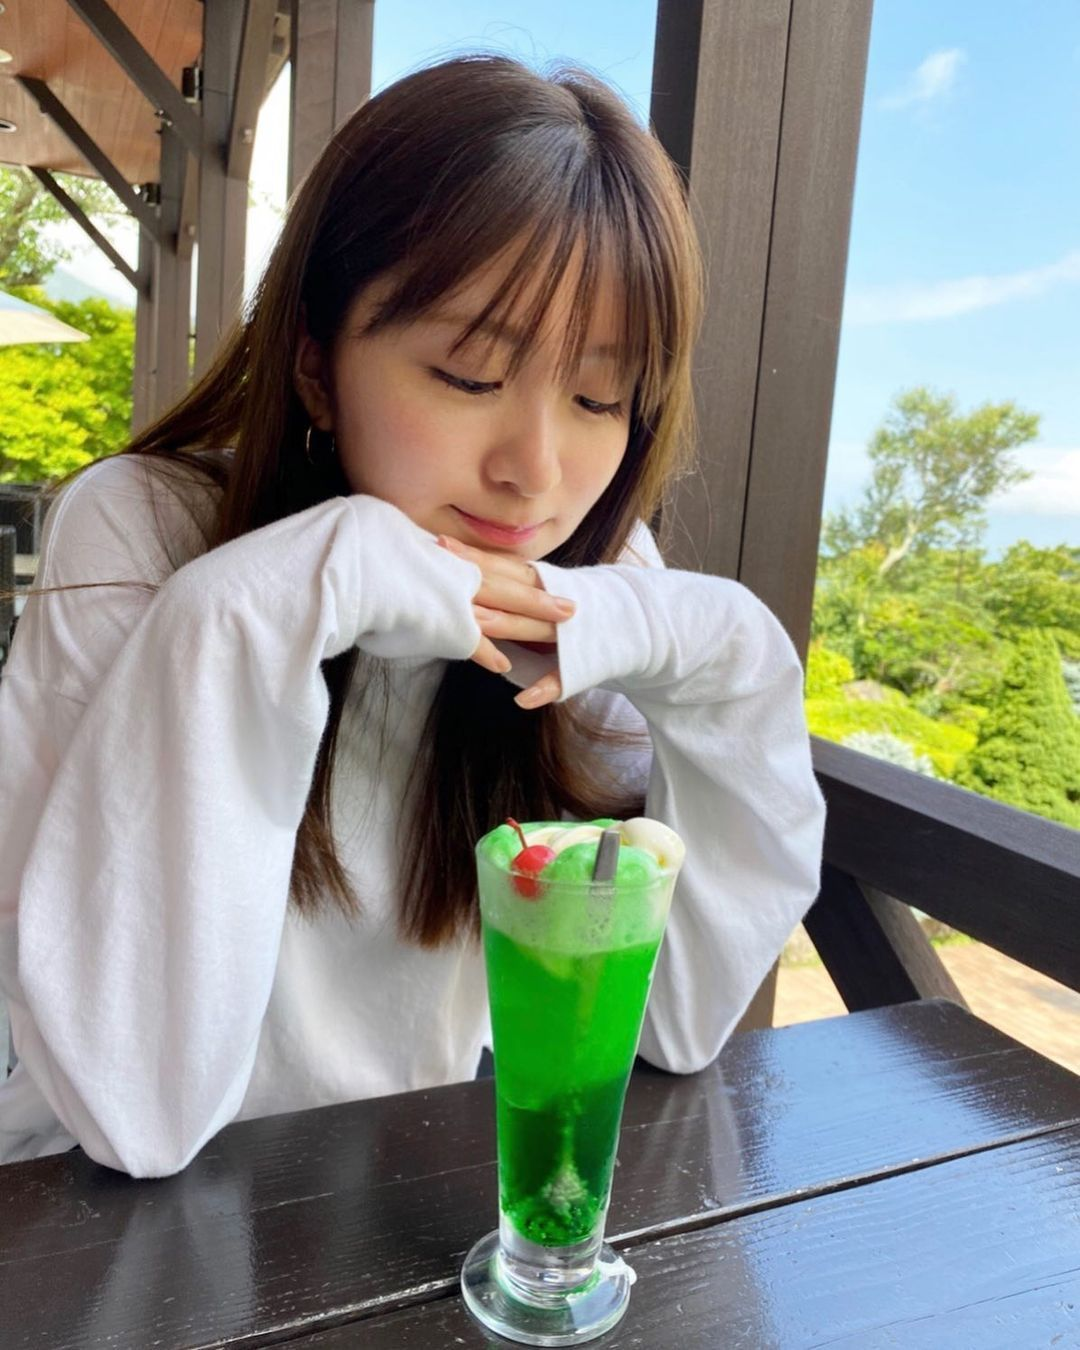 日系时尚杂志模特冈崎纱绘清甜笑容亲和力十足完全就是女友理想型 网络美女 第15张